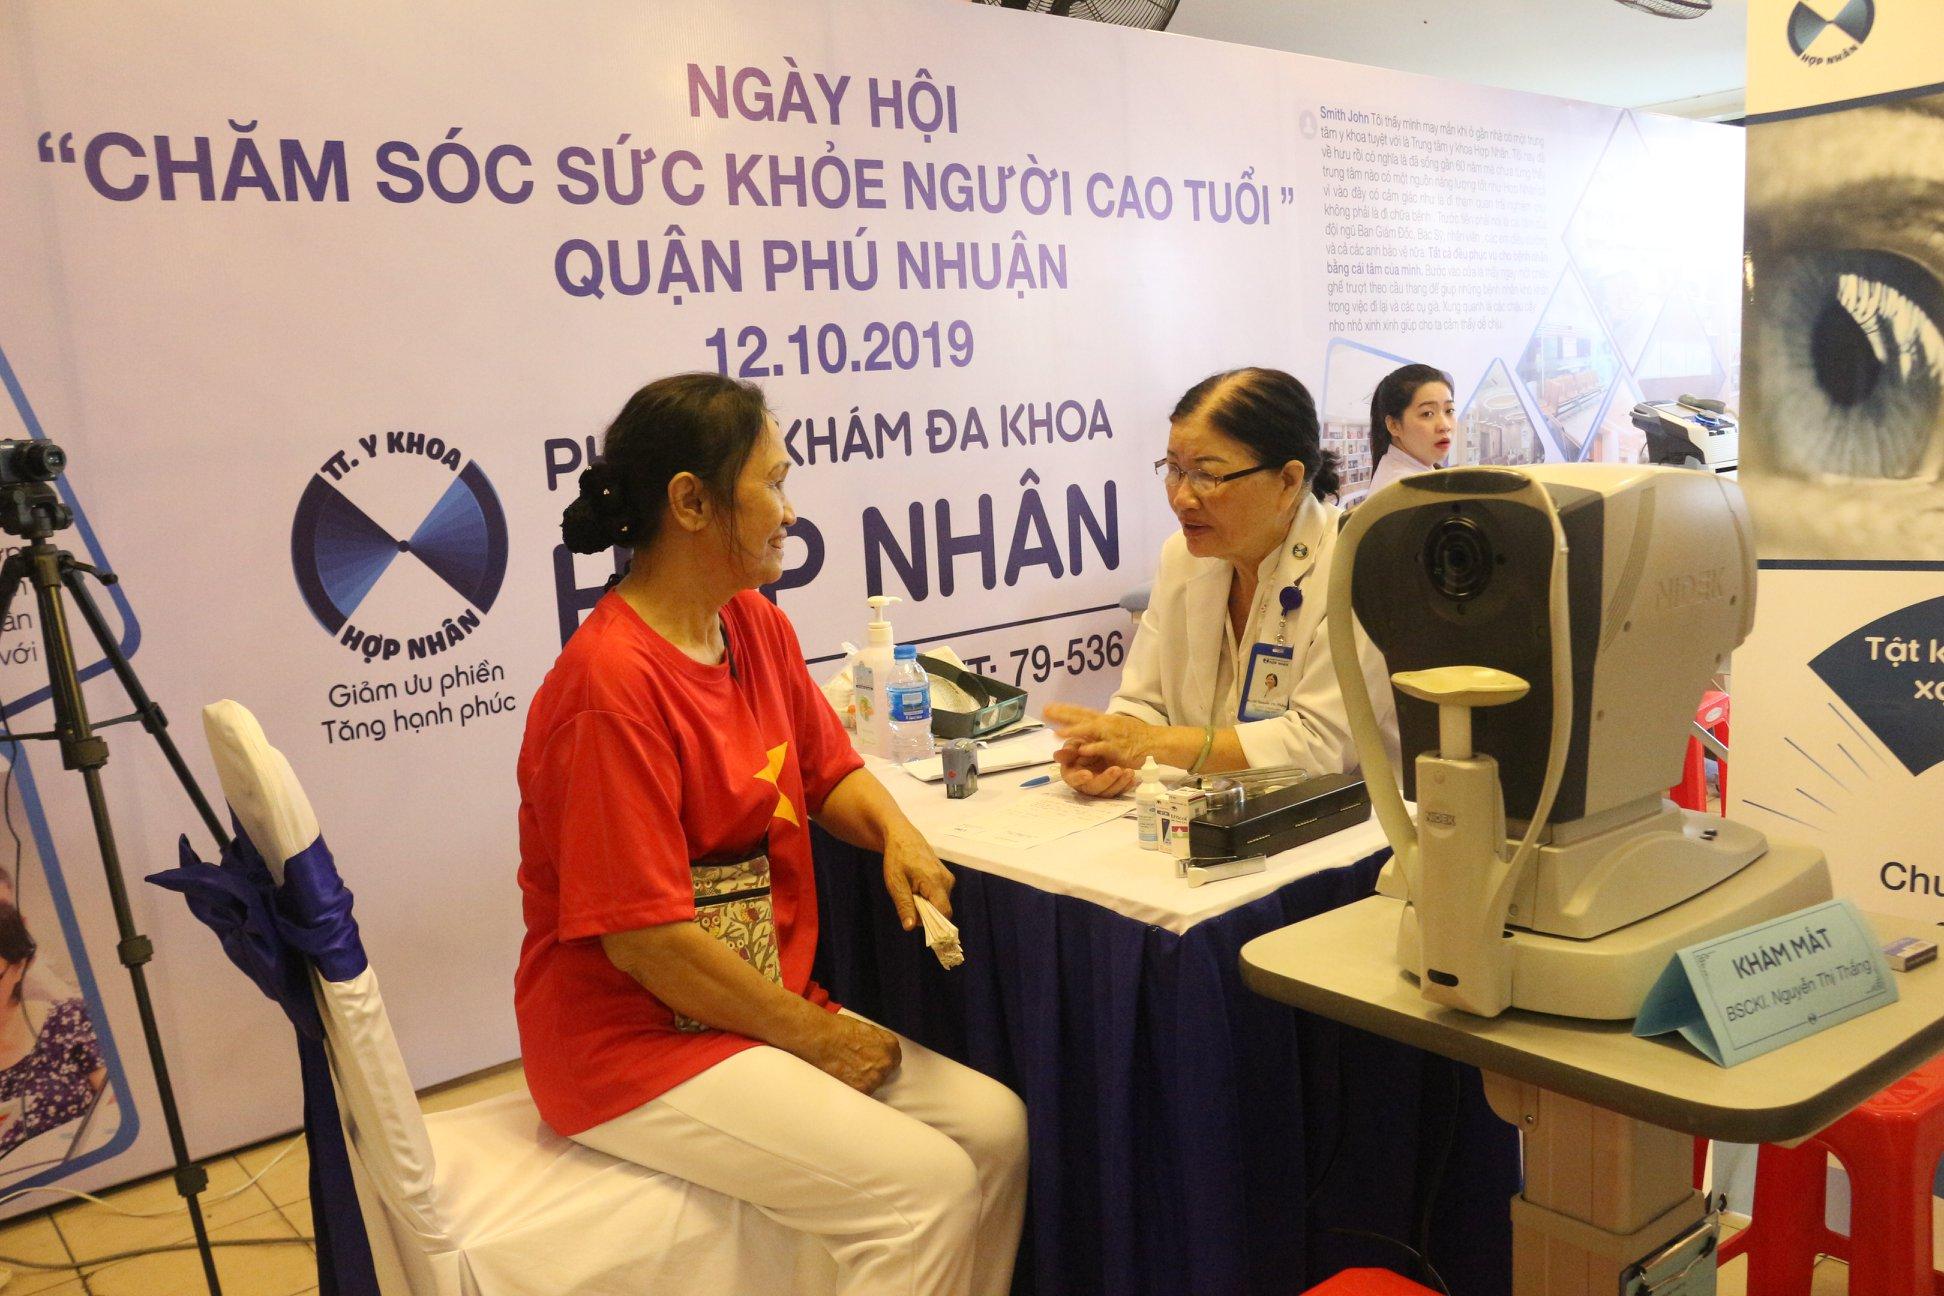 Ngày hội chăm sóc sức khỏe người cao tuổi quận Phú Nhuận